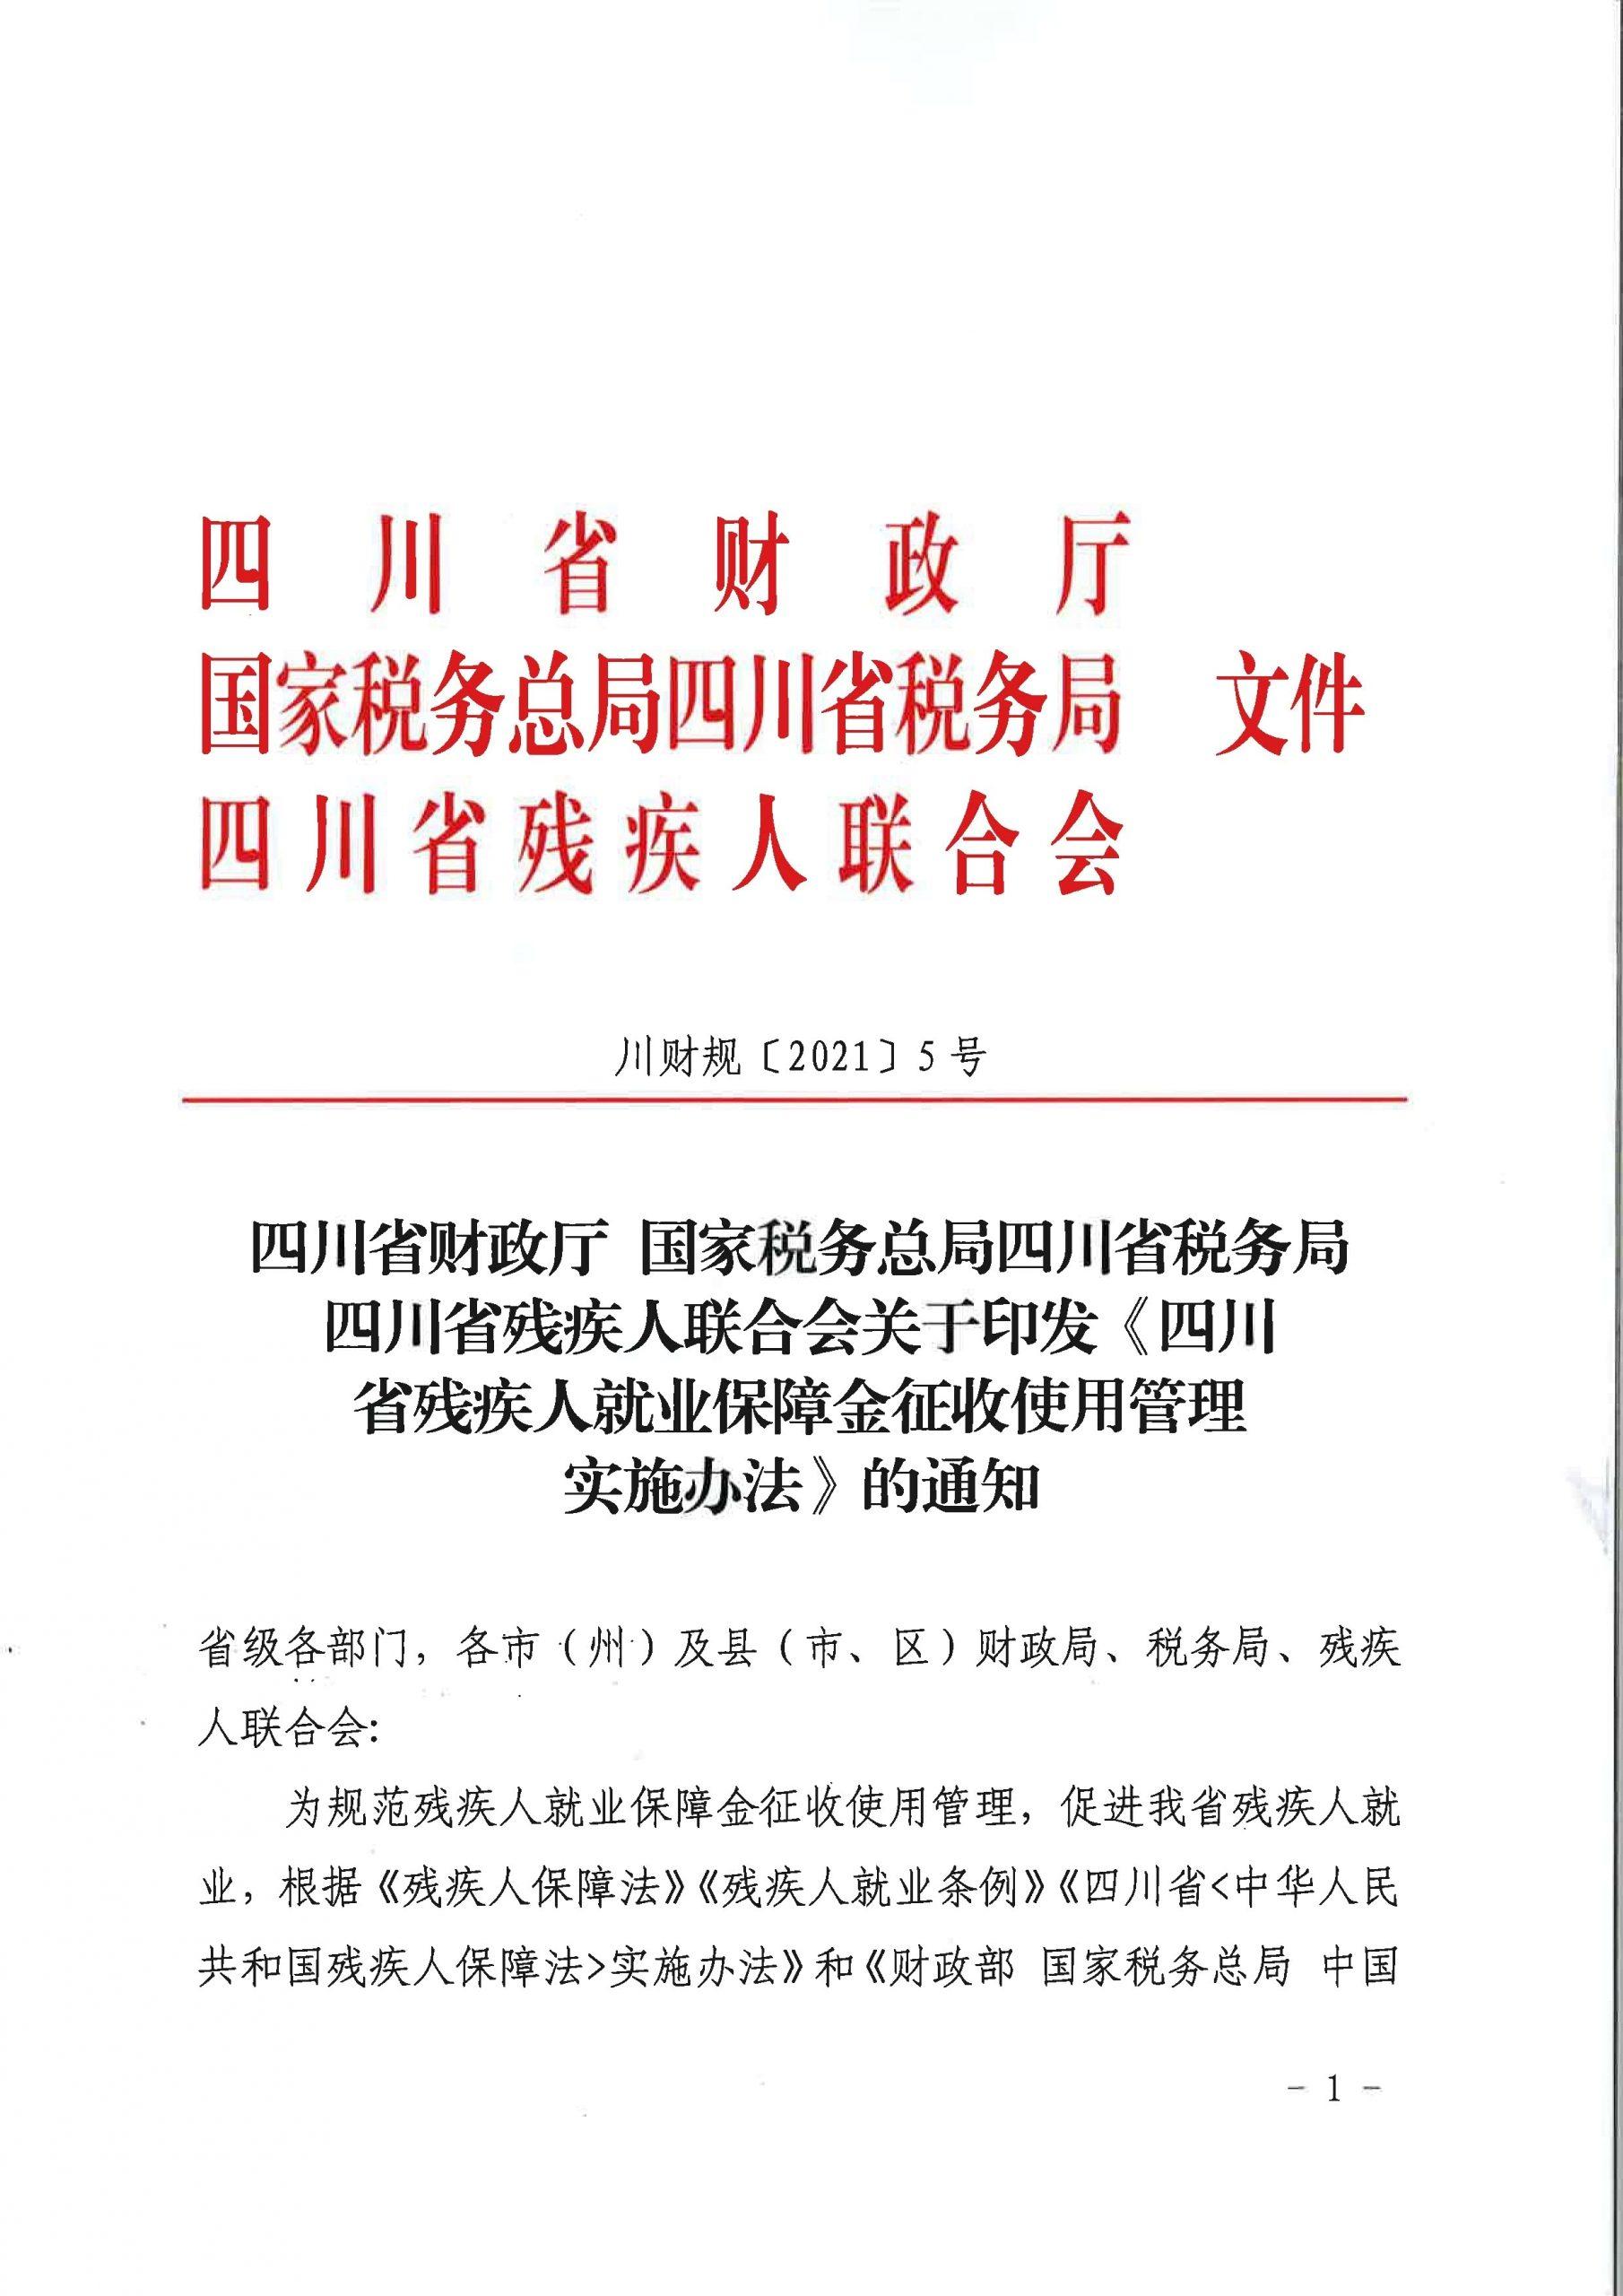 关于印发《四川省残疾人就业保障金征收使用管理实施办法》的通知(川财规〔2021〕5号)